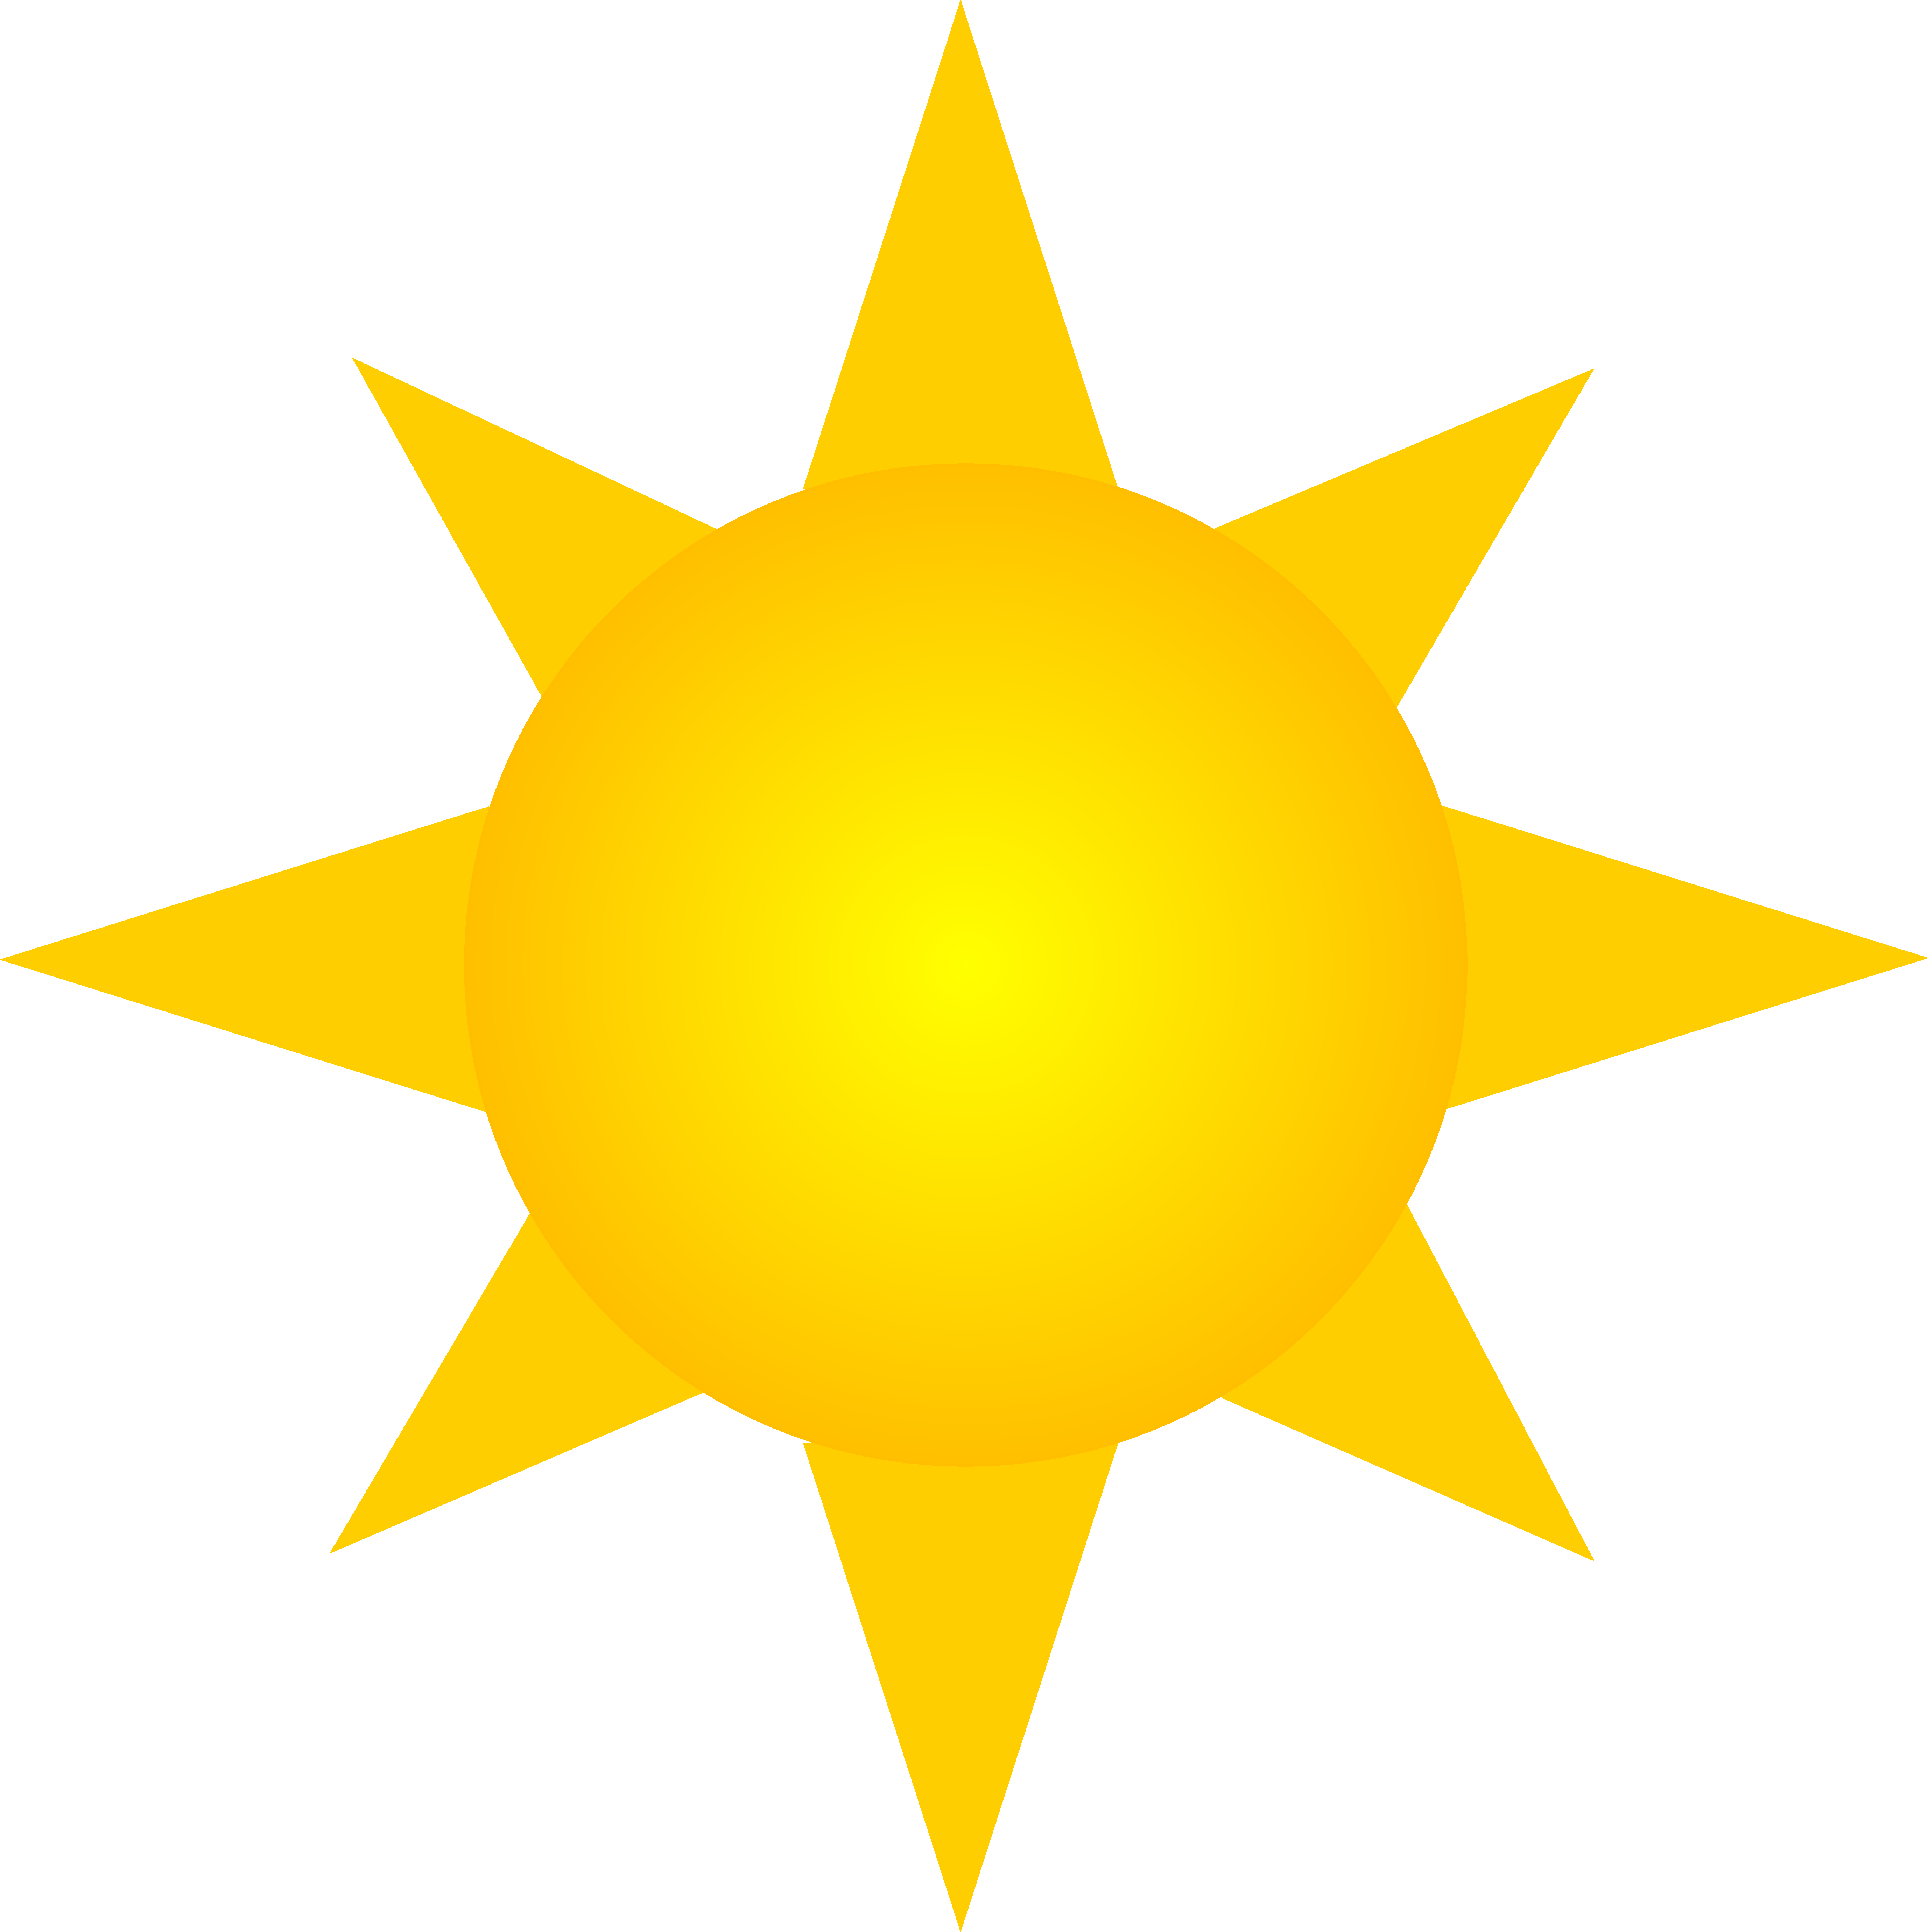 Clipart sunshine bright. Sun symbol version two